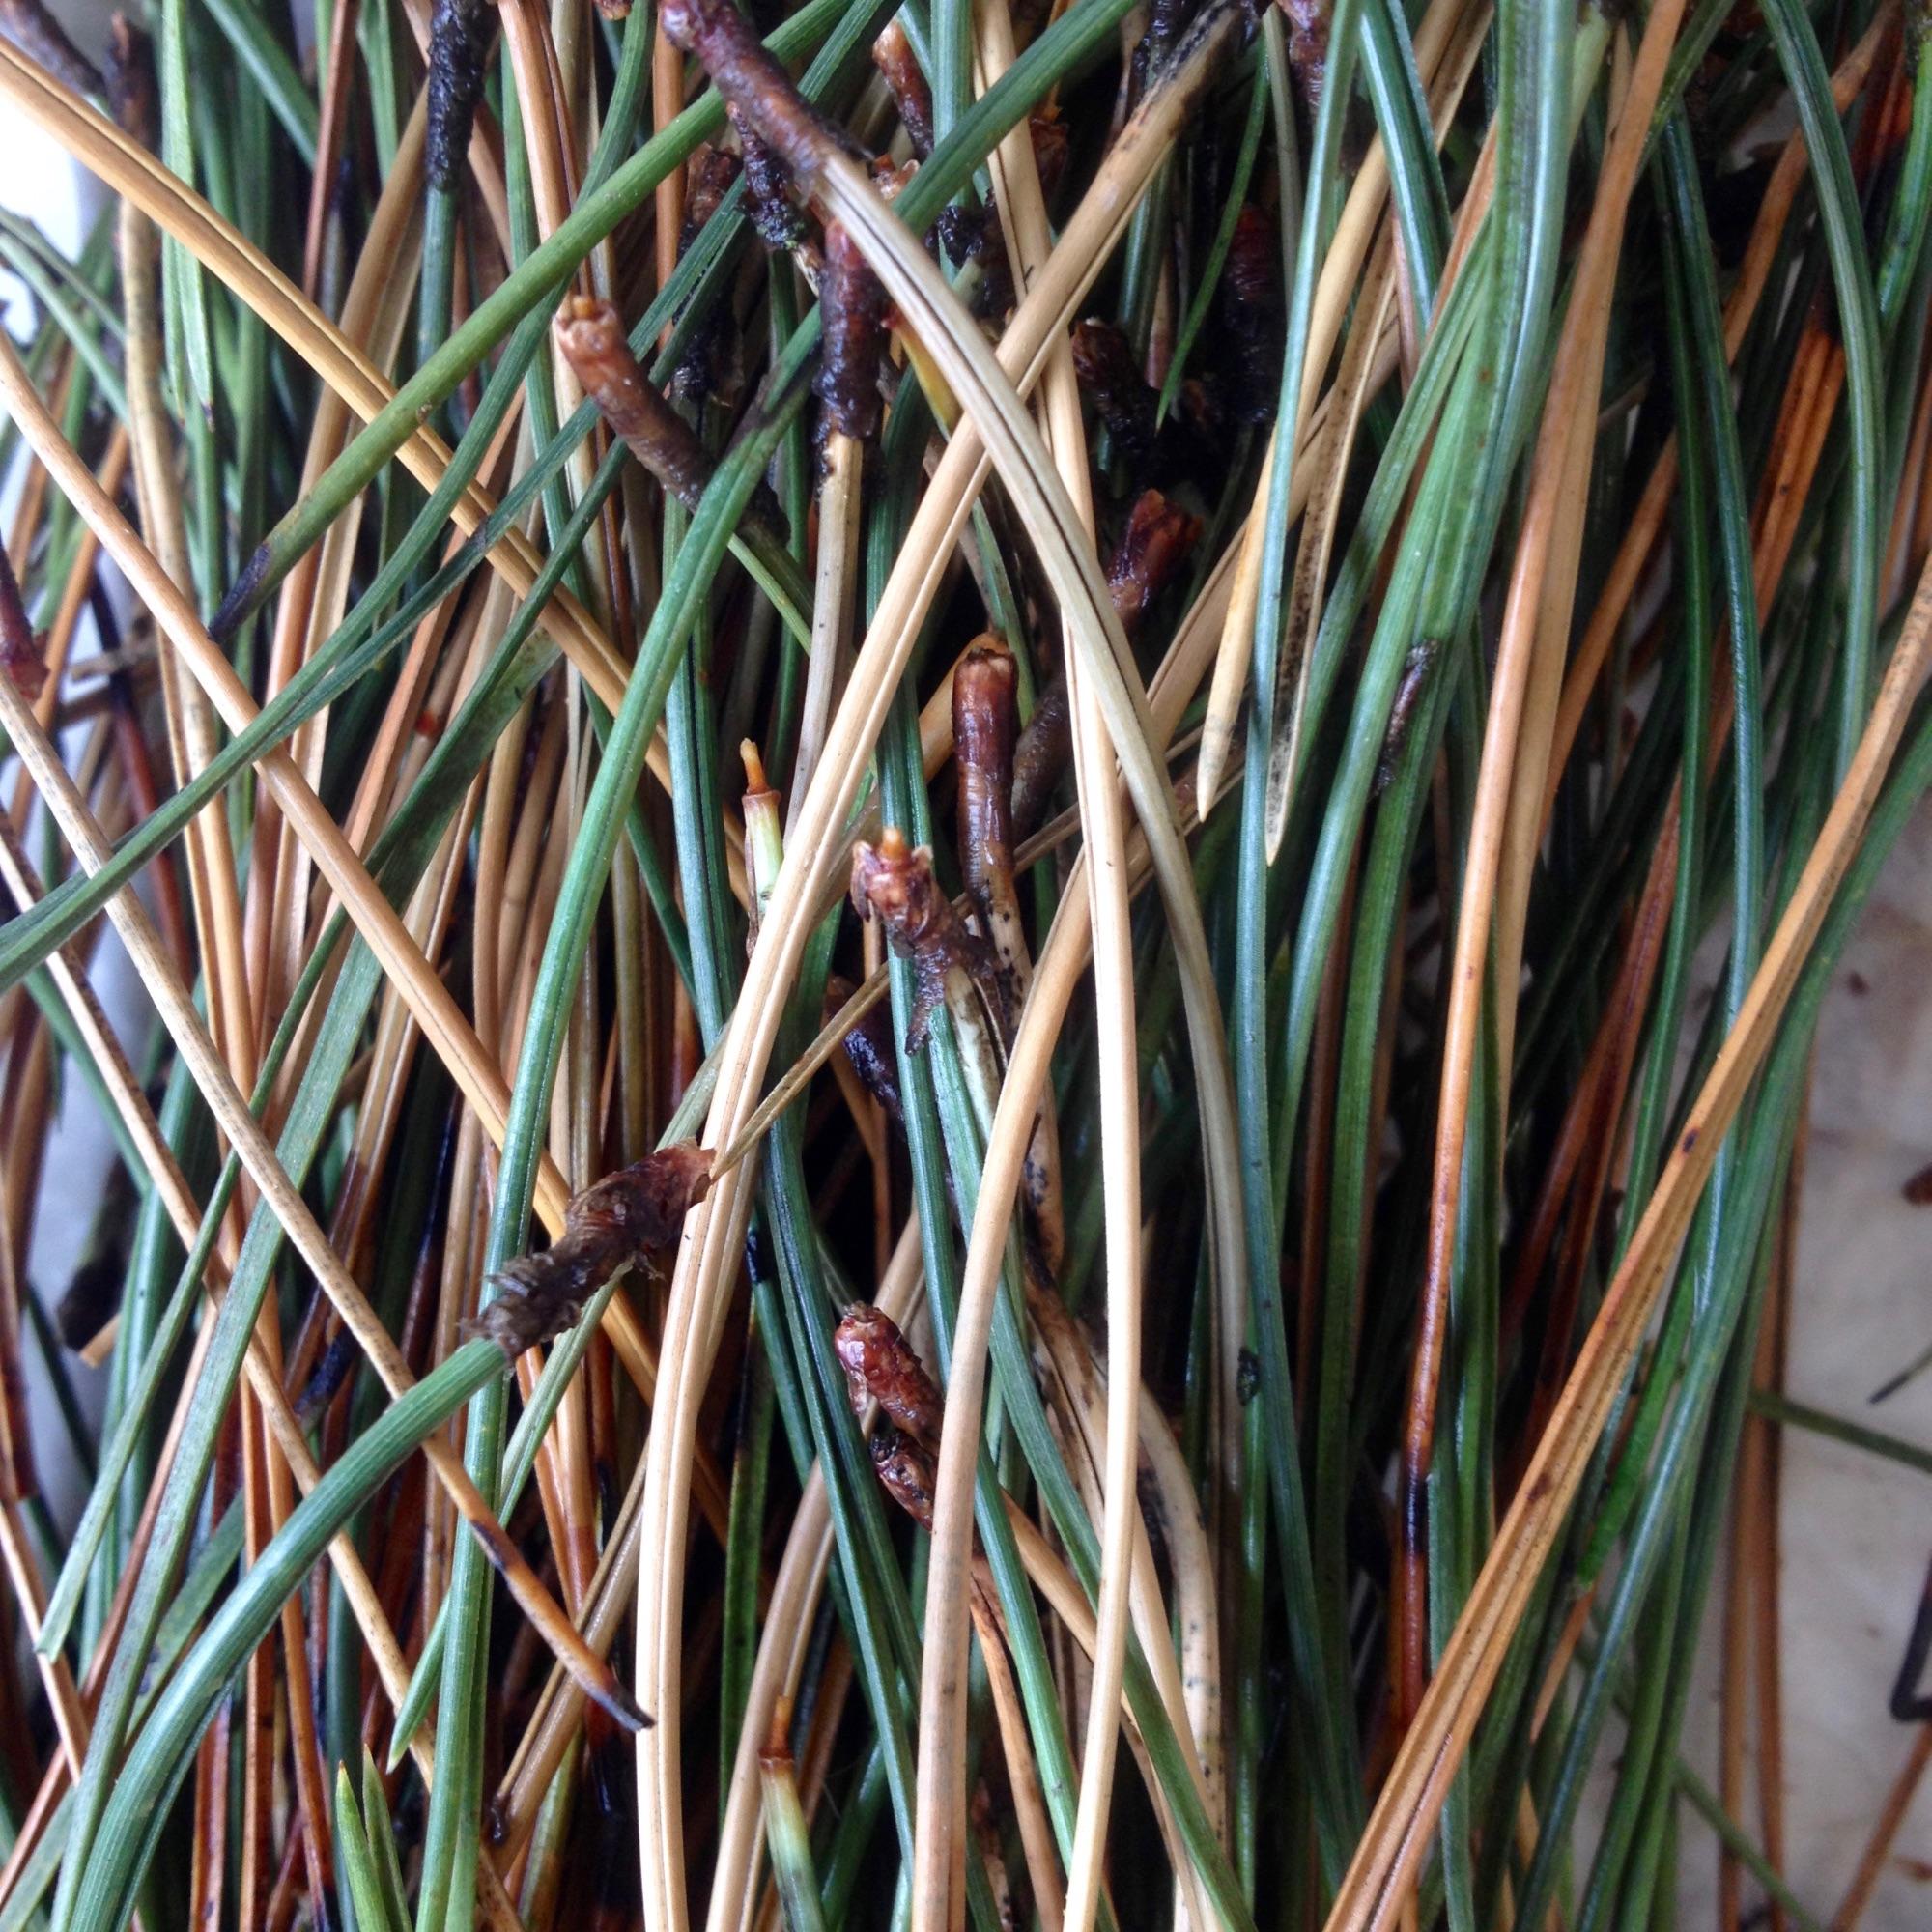 pine needle casting